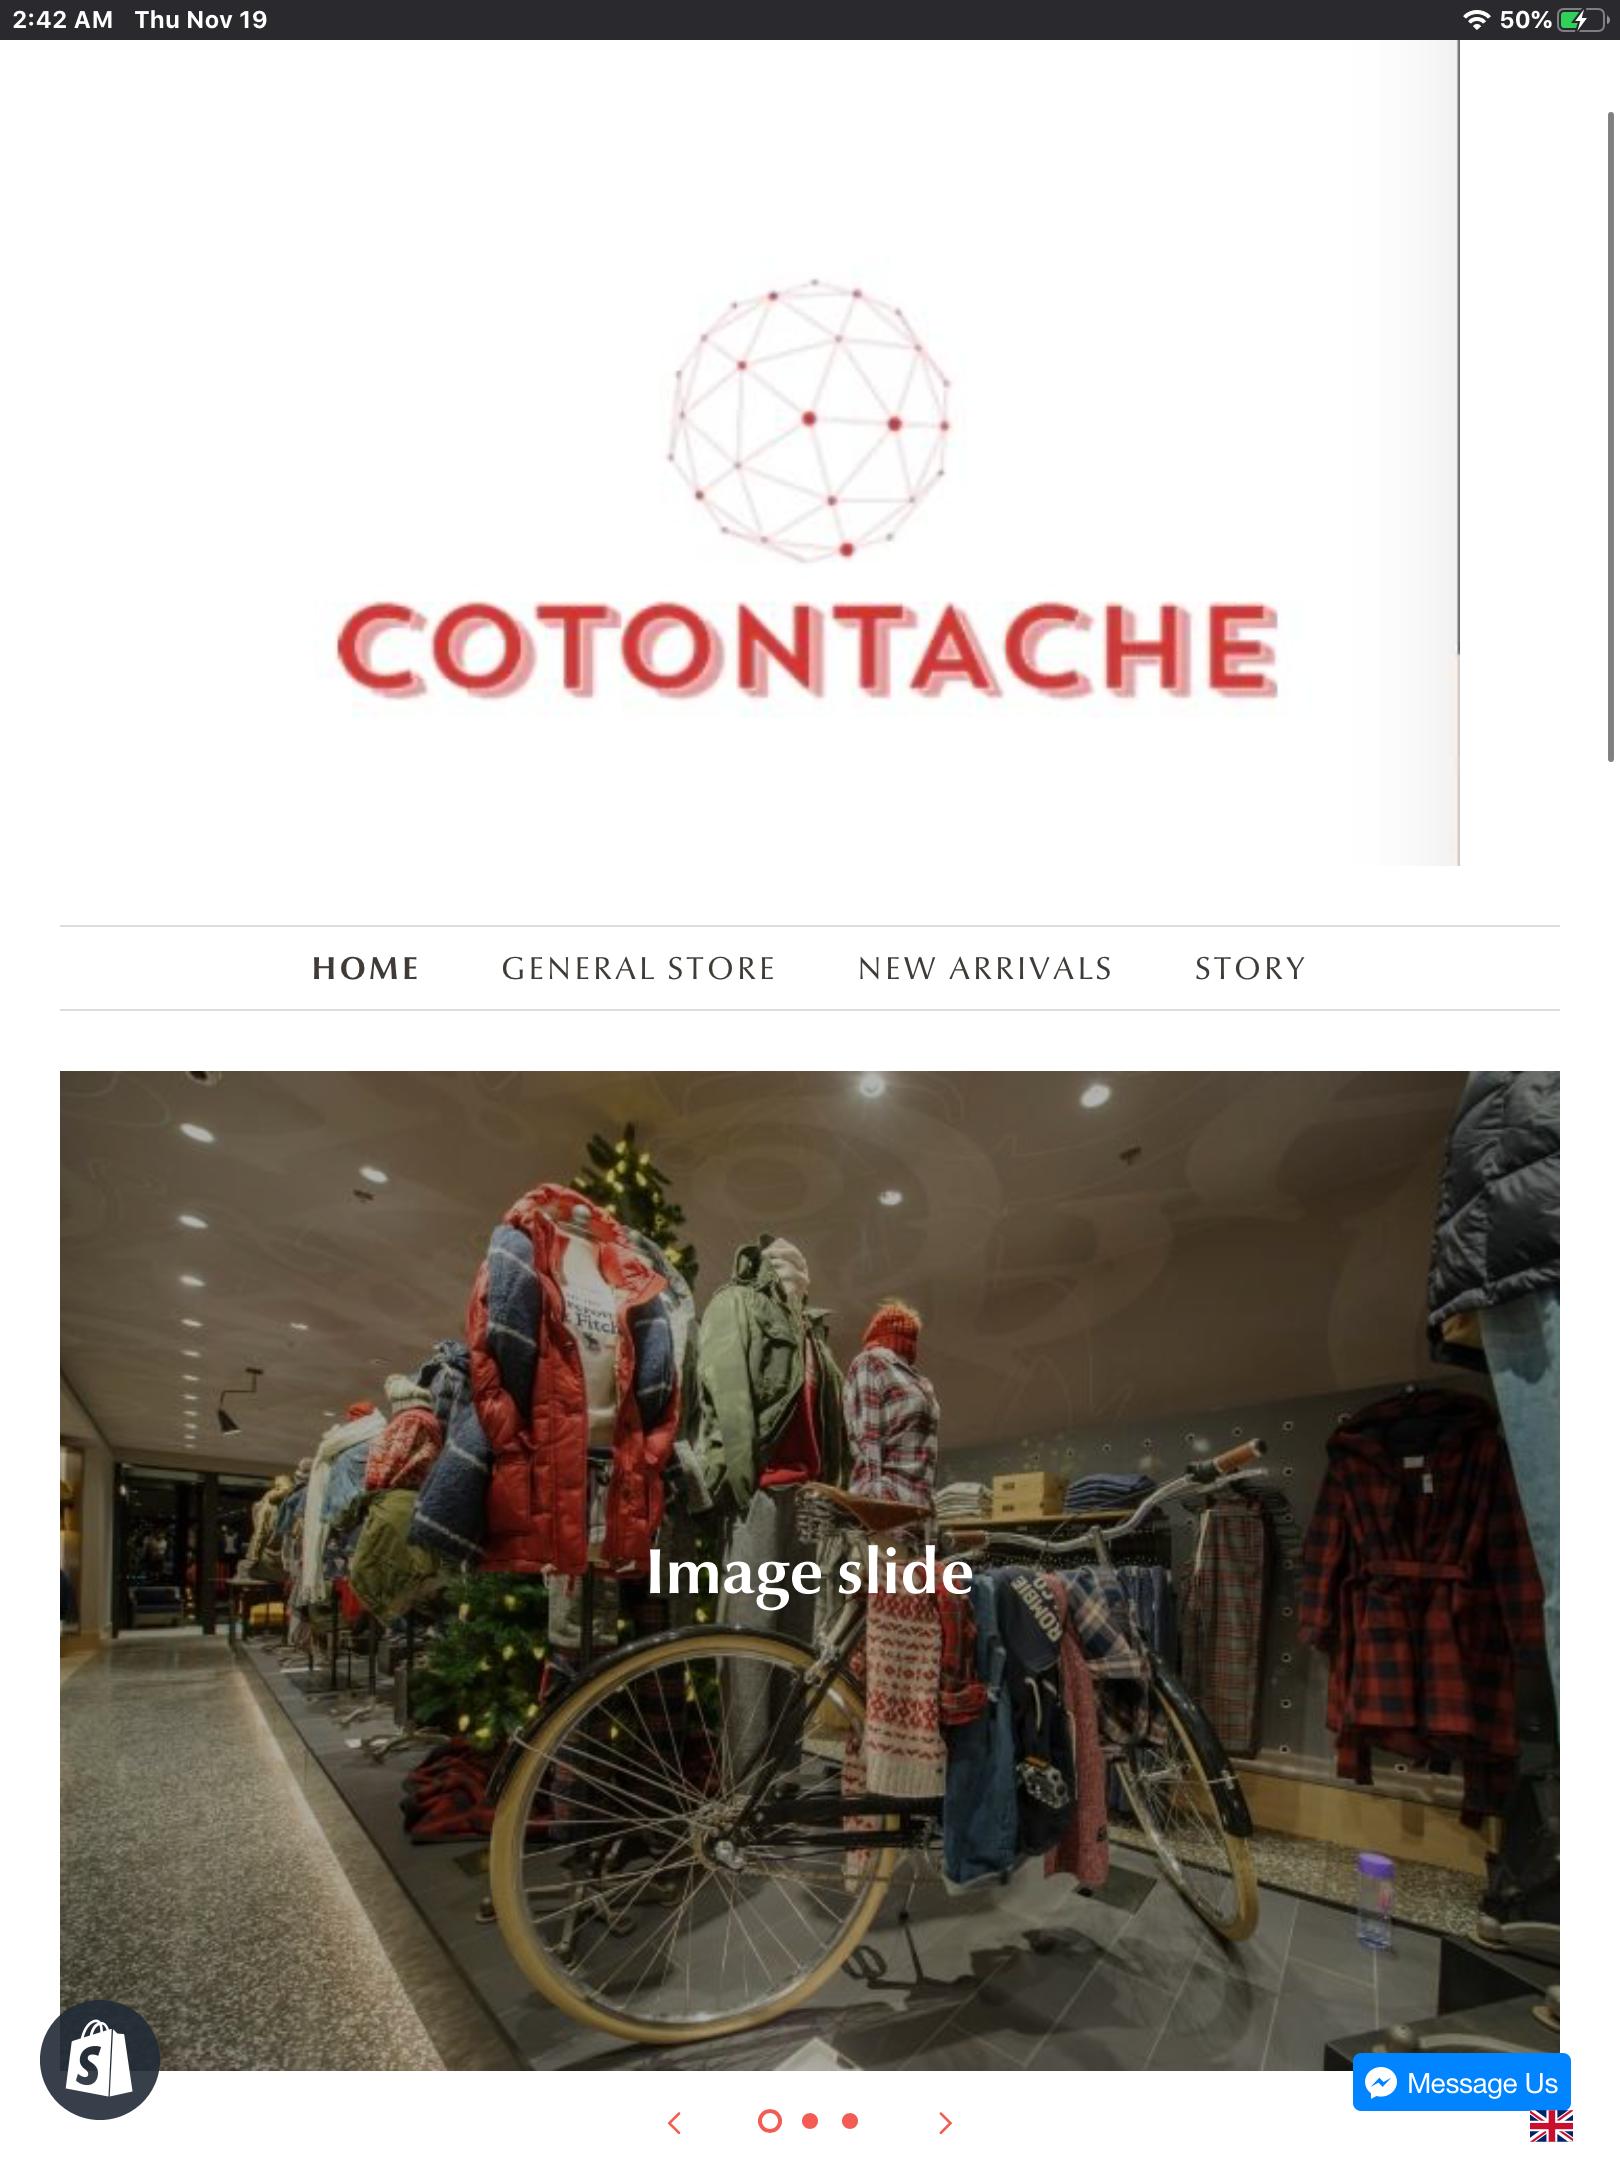 Cotontaché